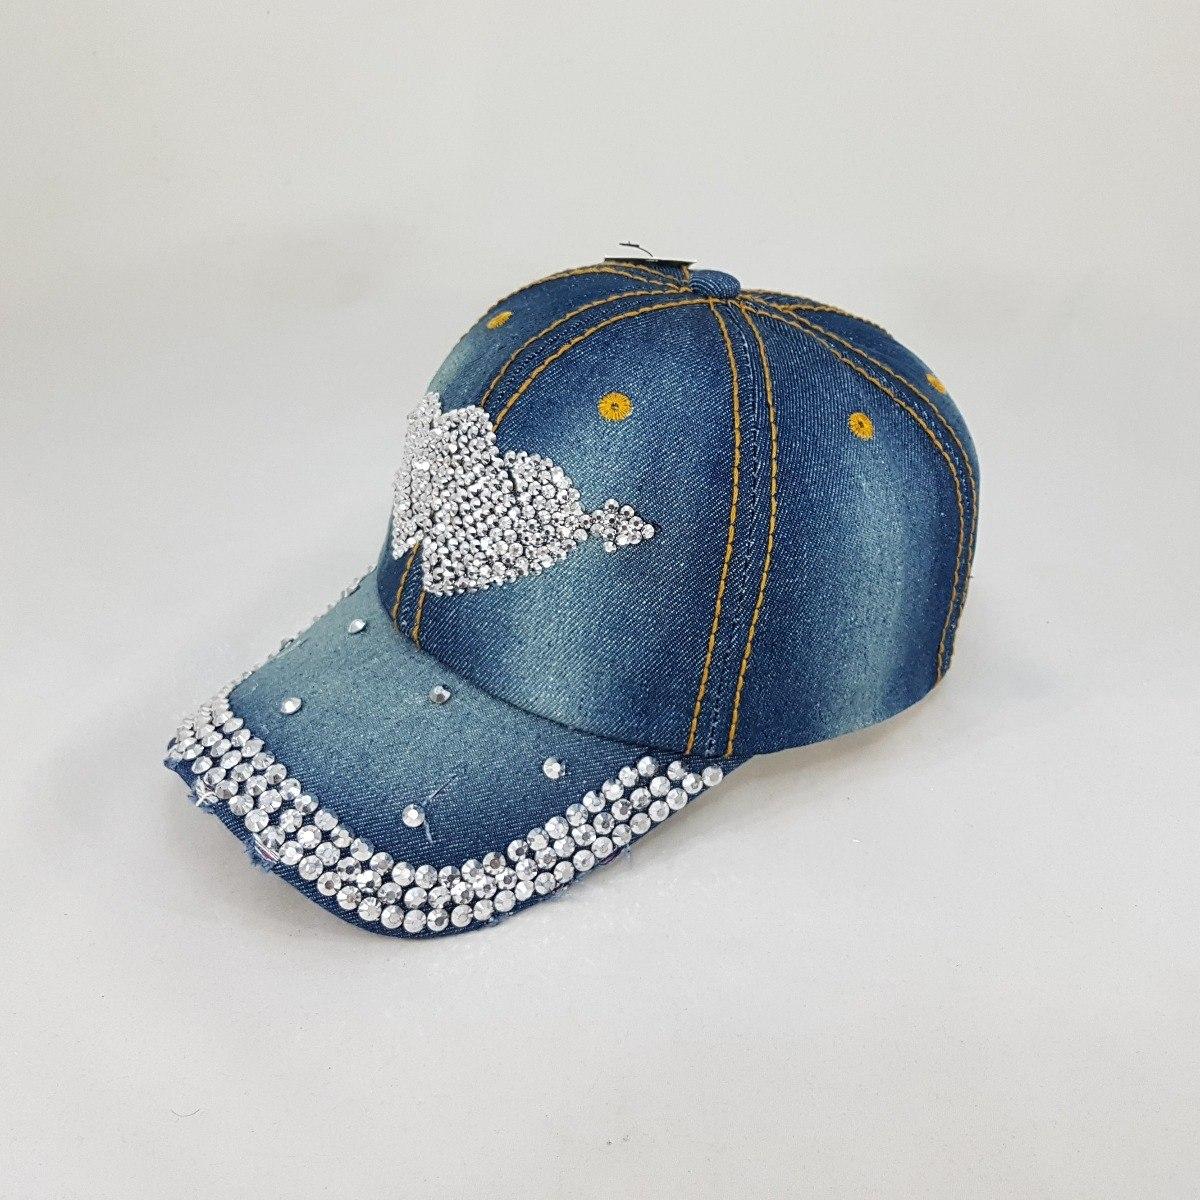 boné aba curva jeans pedraria strass feminino dois corações. Carregando  zoom. 58933055211